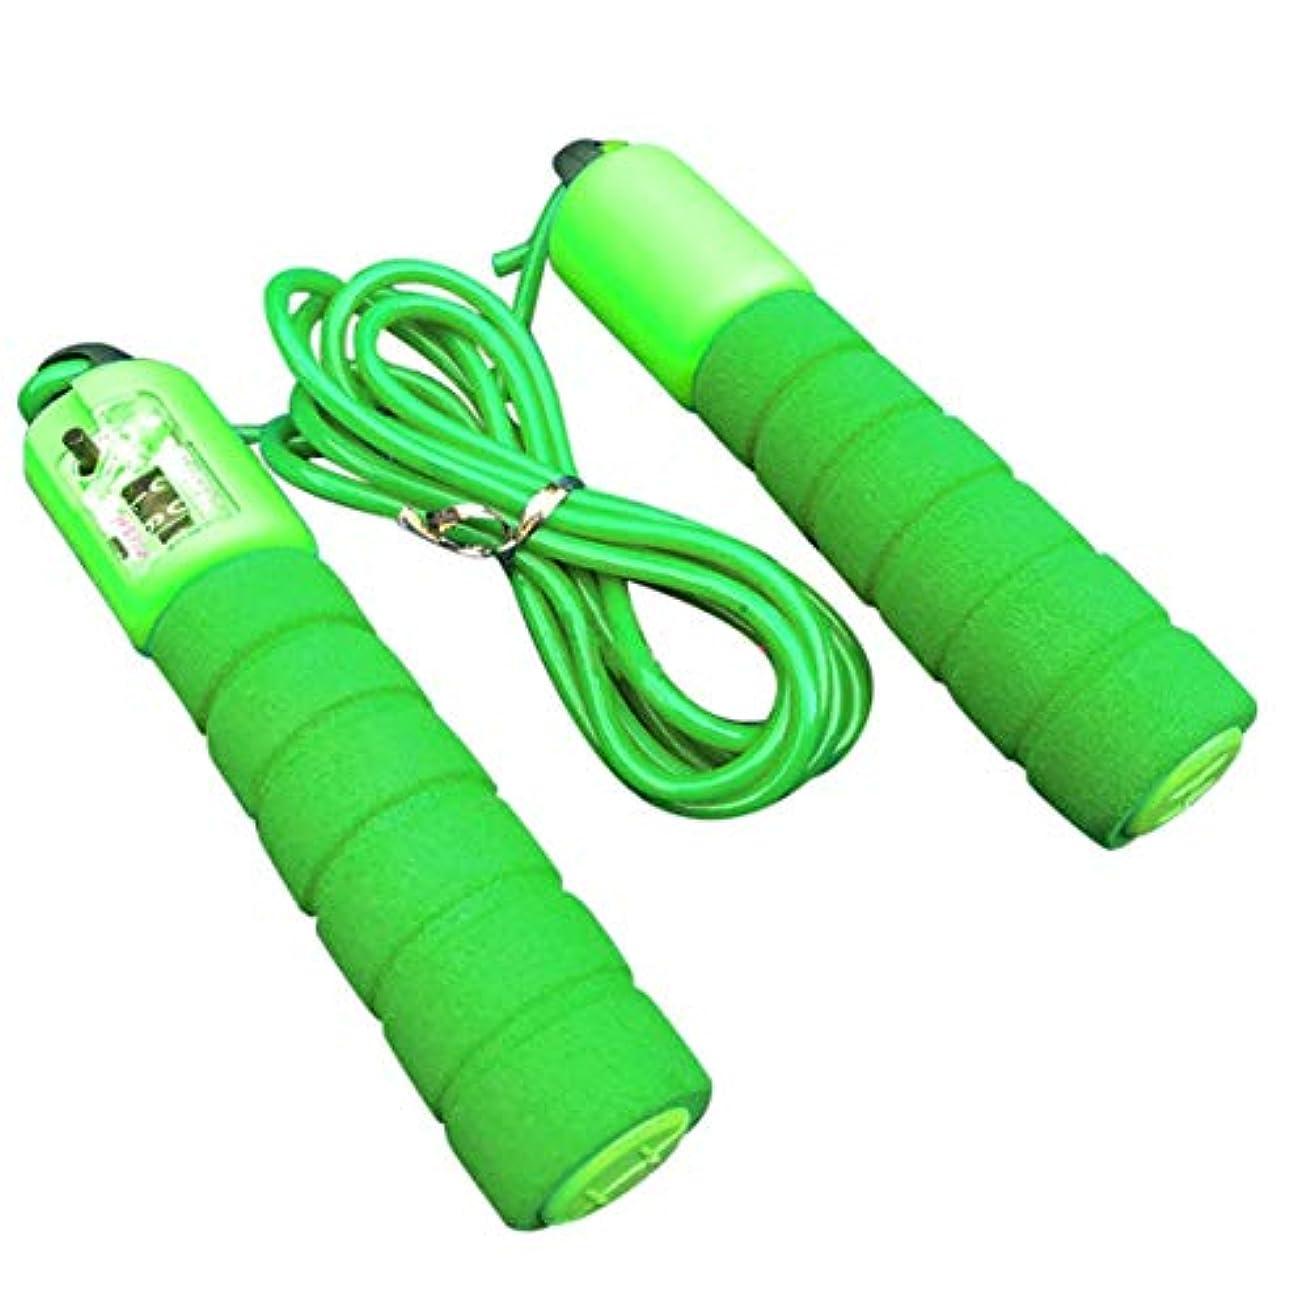 黒便利さミリメートル調節可能なプロフェッショナルカウント縄跳び自動カウントジャンプロープフィットネス運動高速カウントジャンプロープ - グリーン